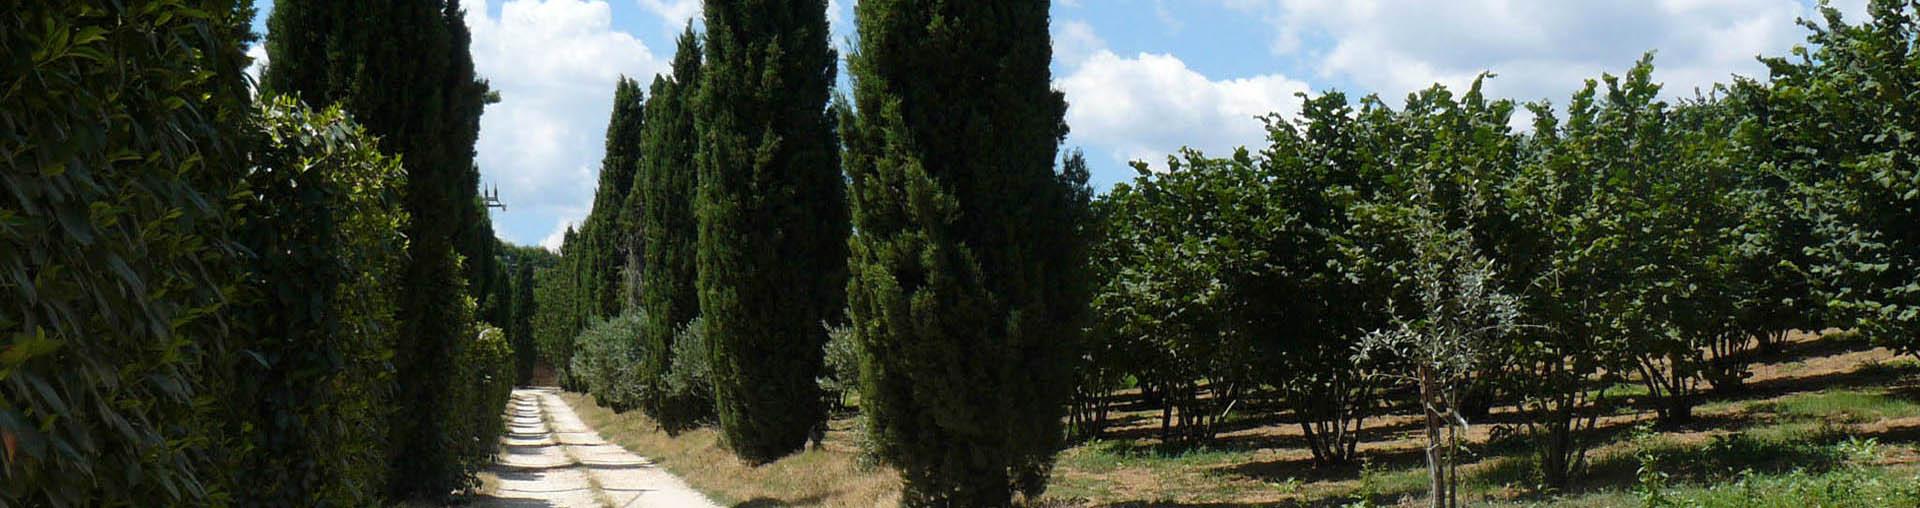 Agriturismo Montefosco